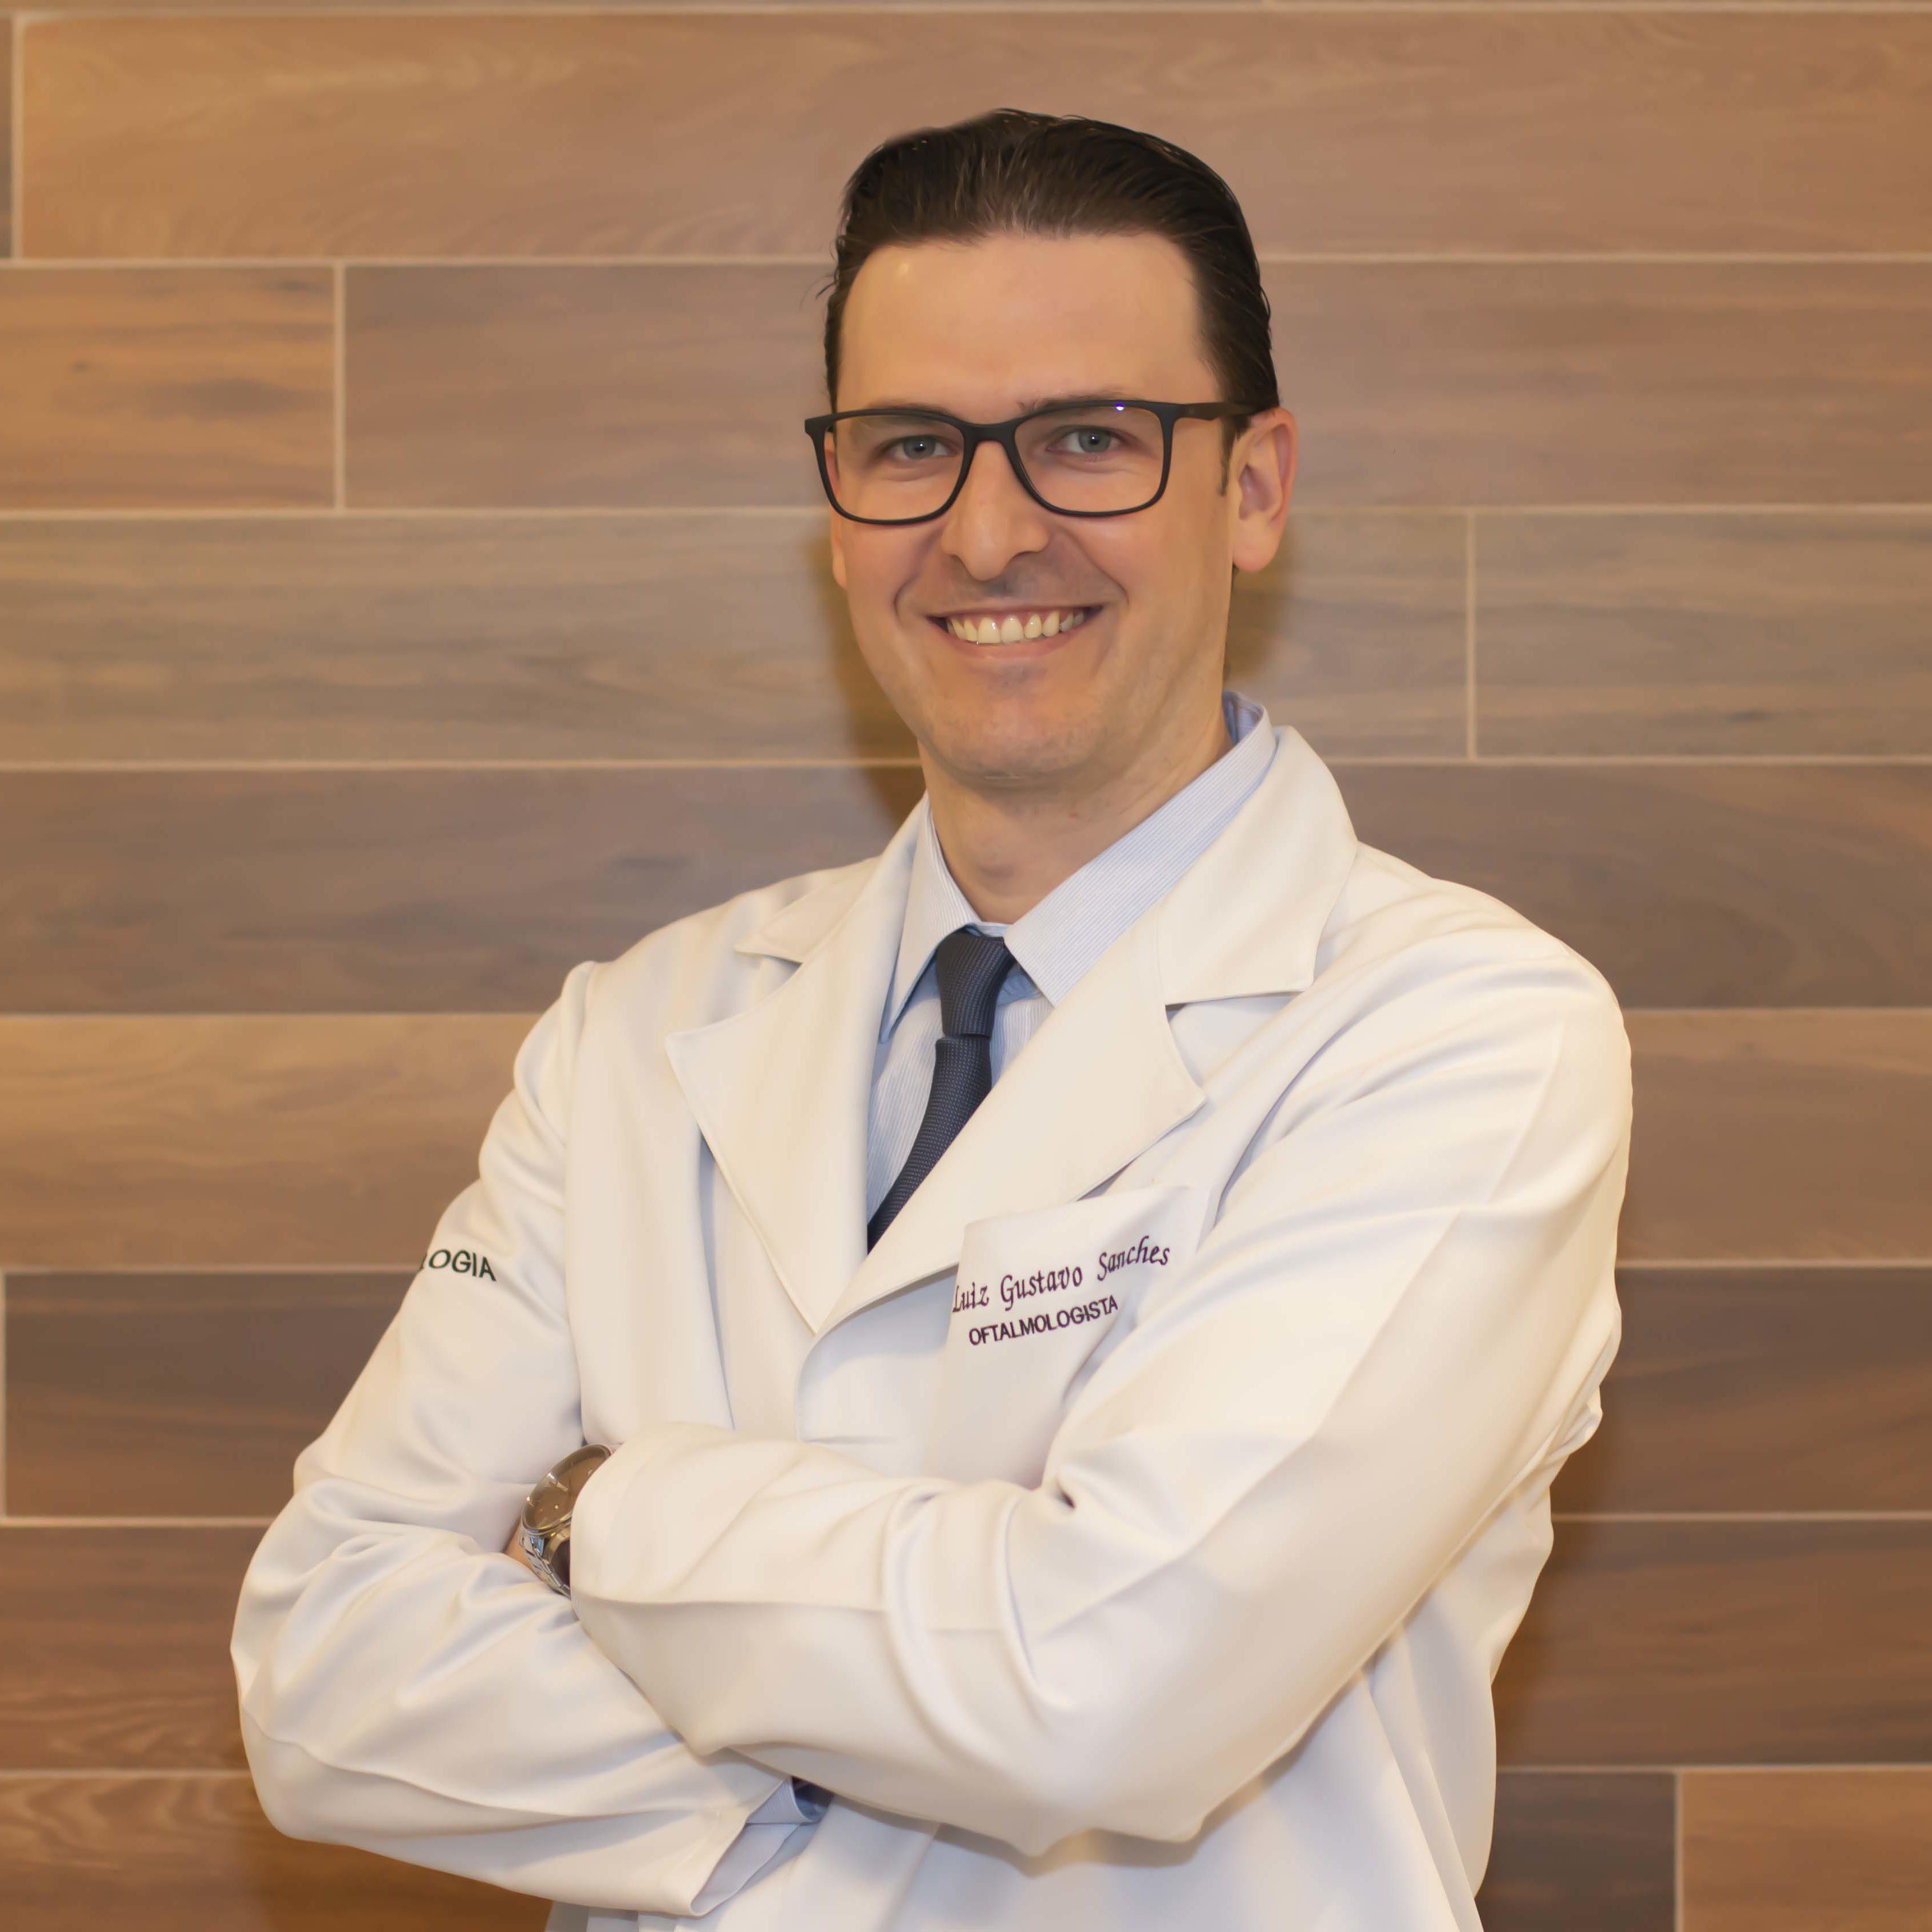 Dr. Luis Gustavo Sanches